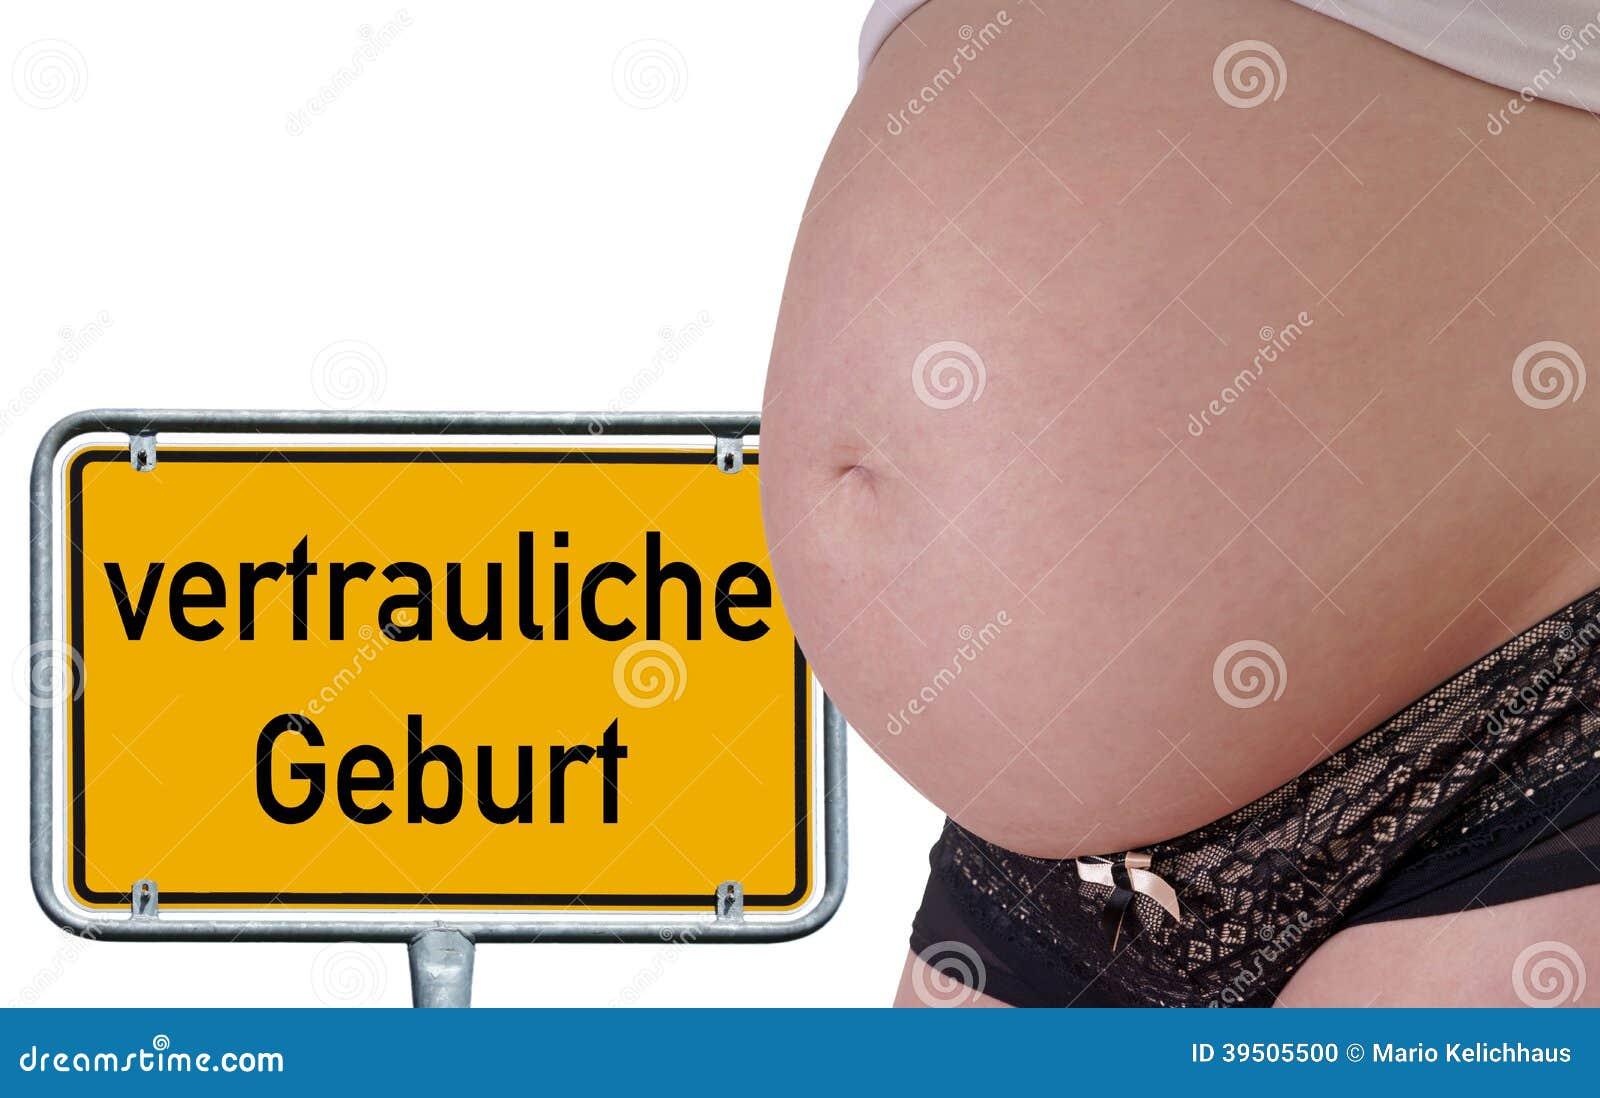 Vertrauliche Geburt